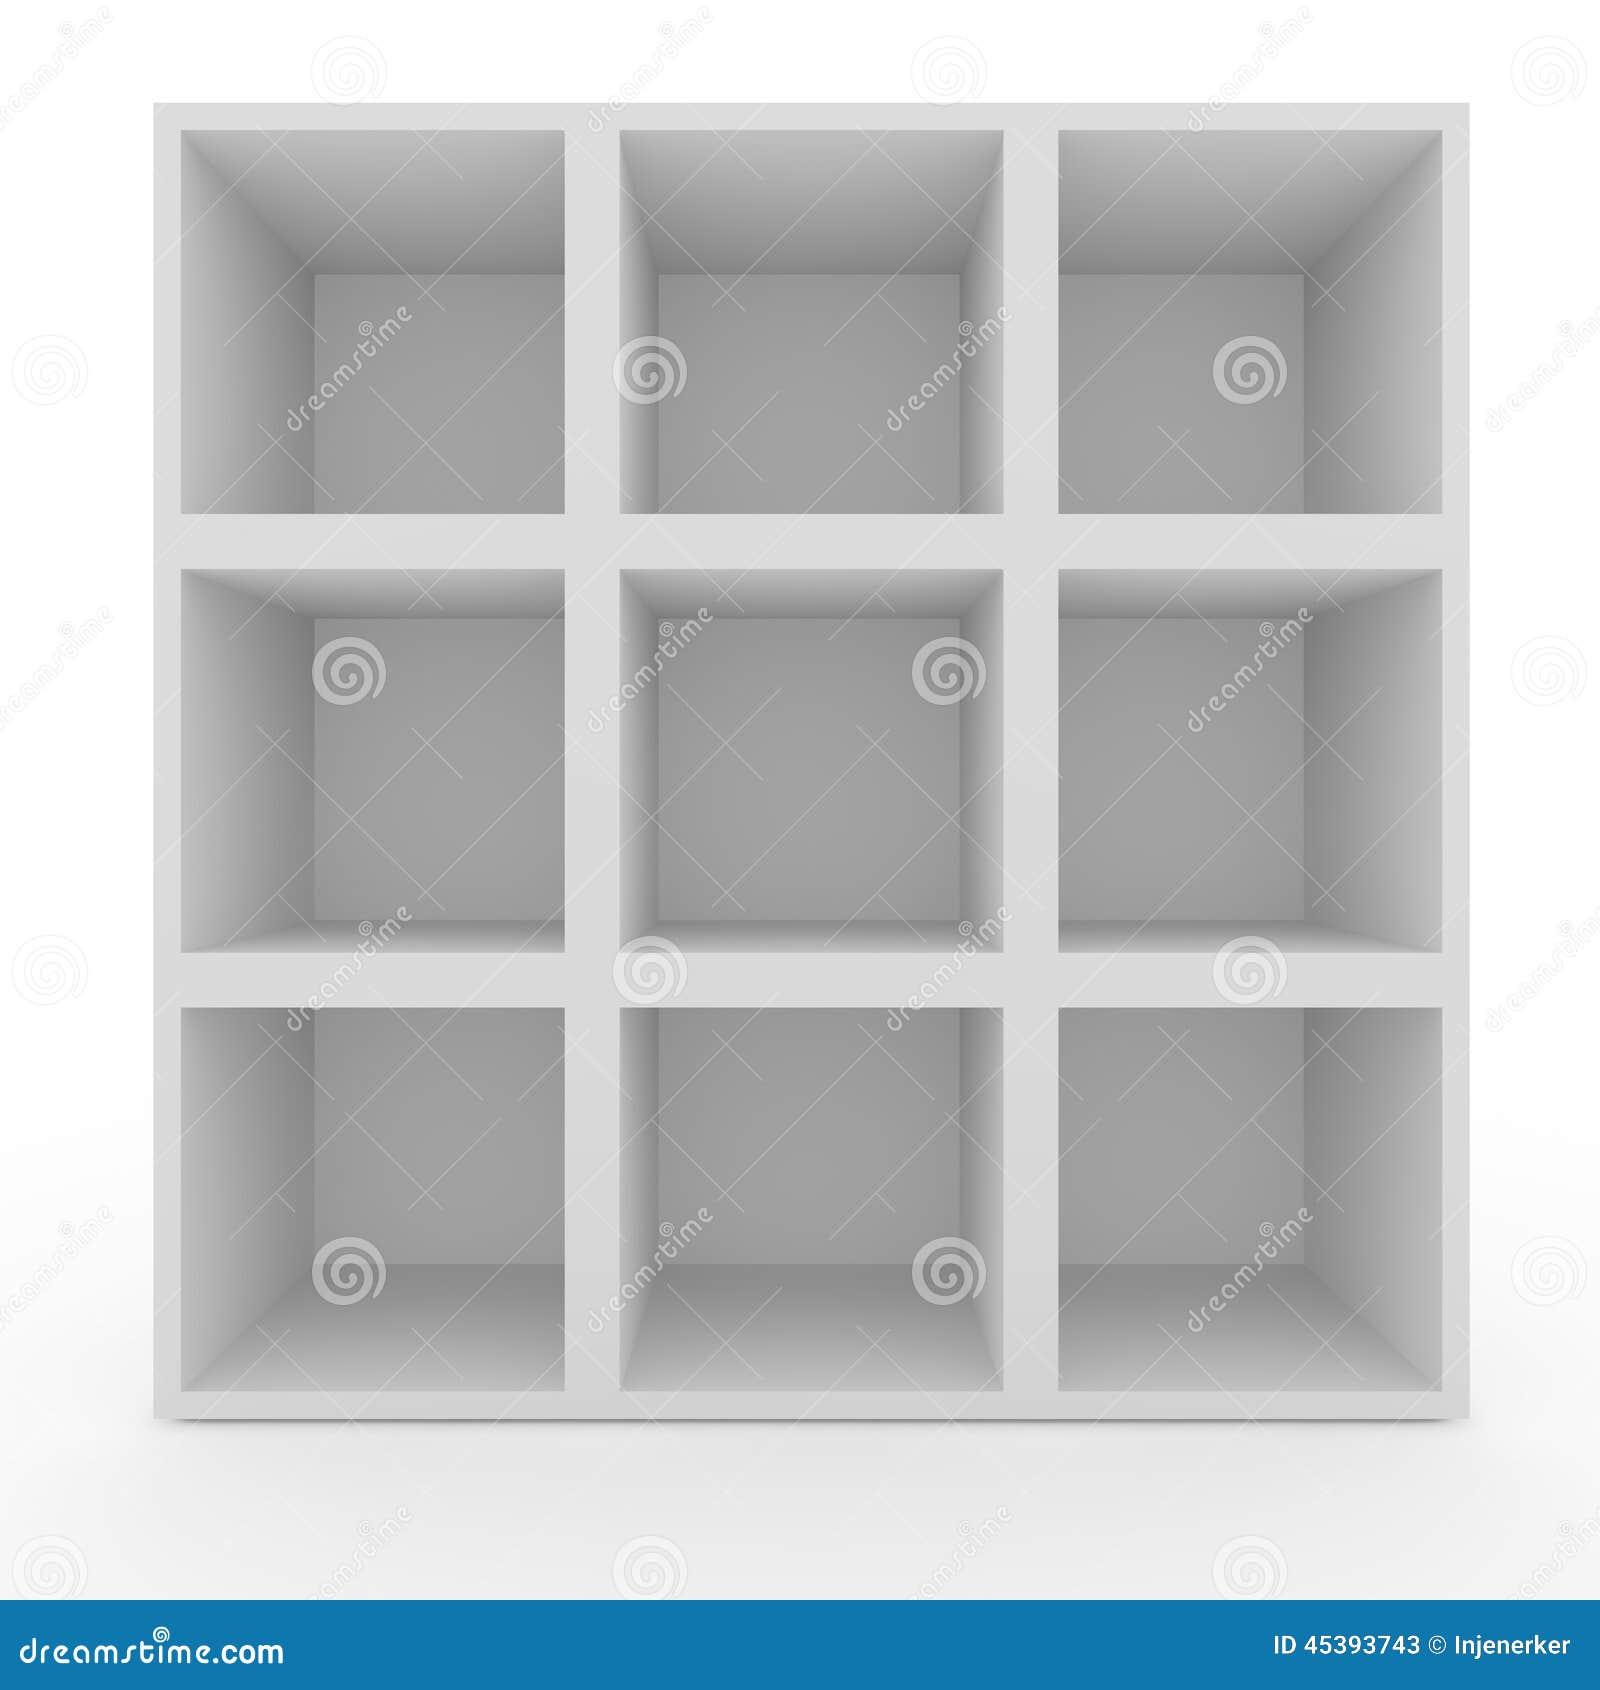 Lege Witte Planken Zonder Verlichting Stock Afbeelding - Afbeelding ...